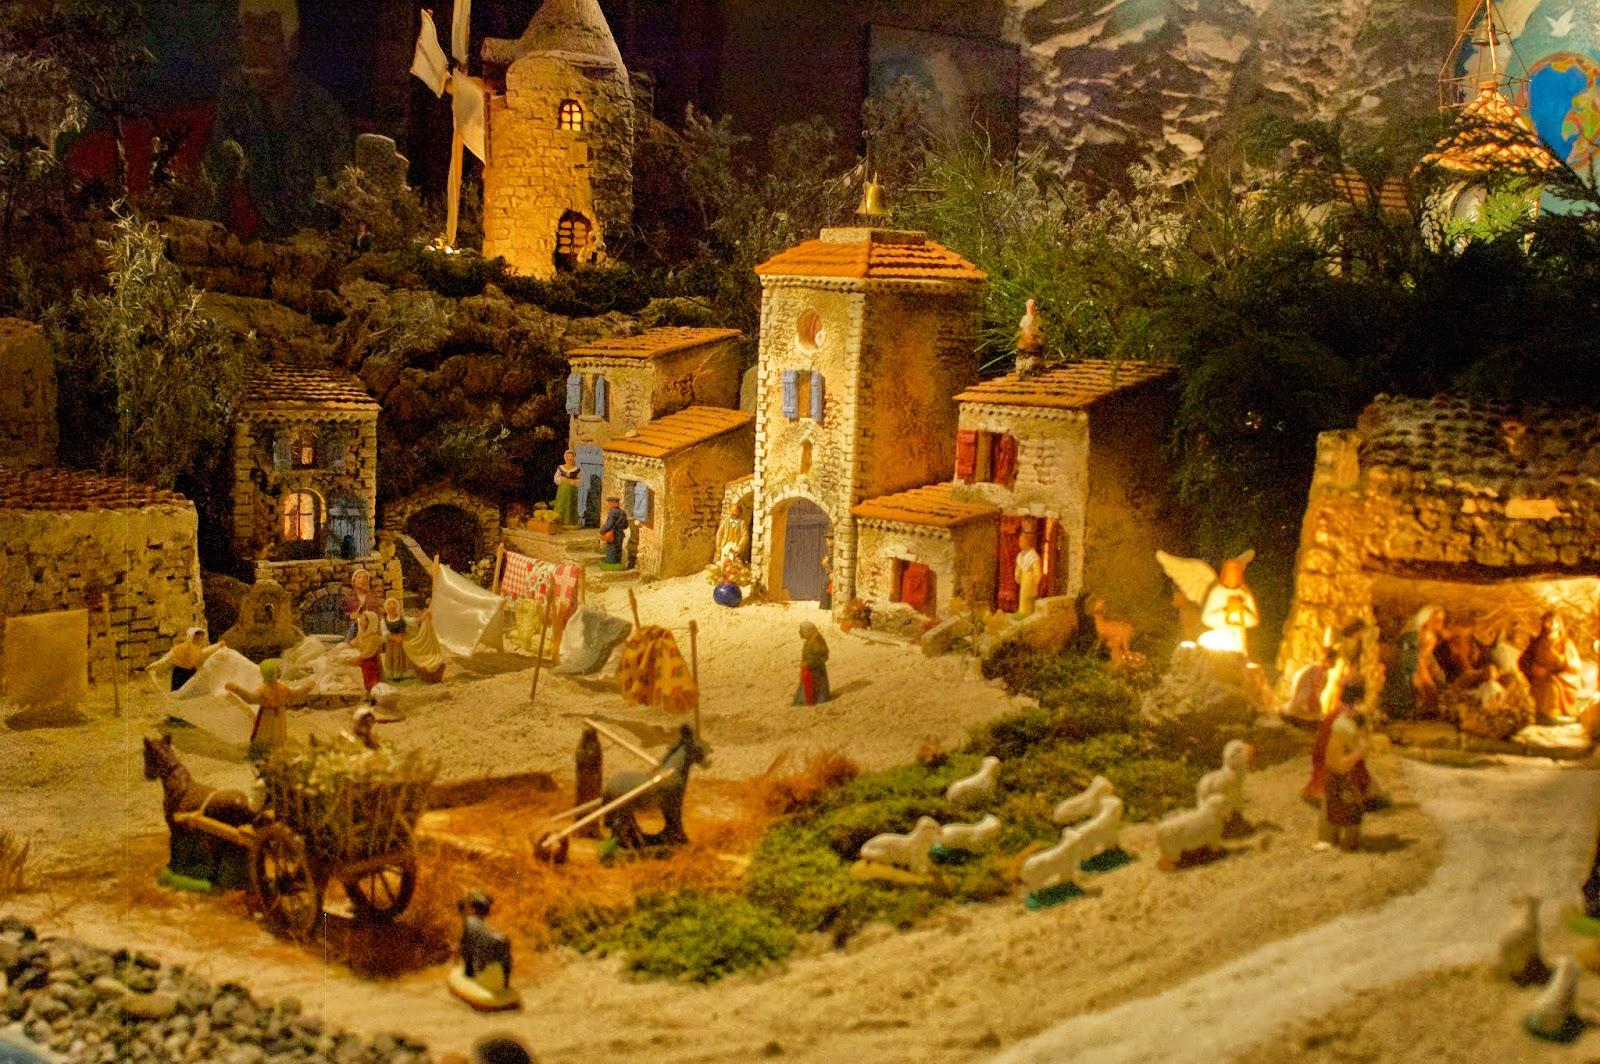 La cr che par maxime codou le petit village de provence for Creche salon de provence